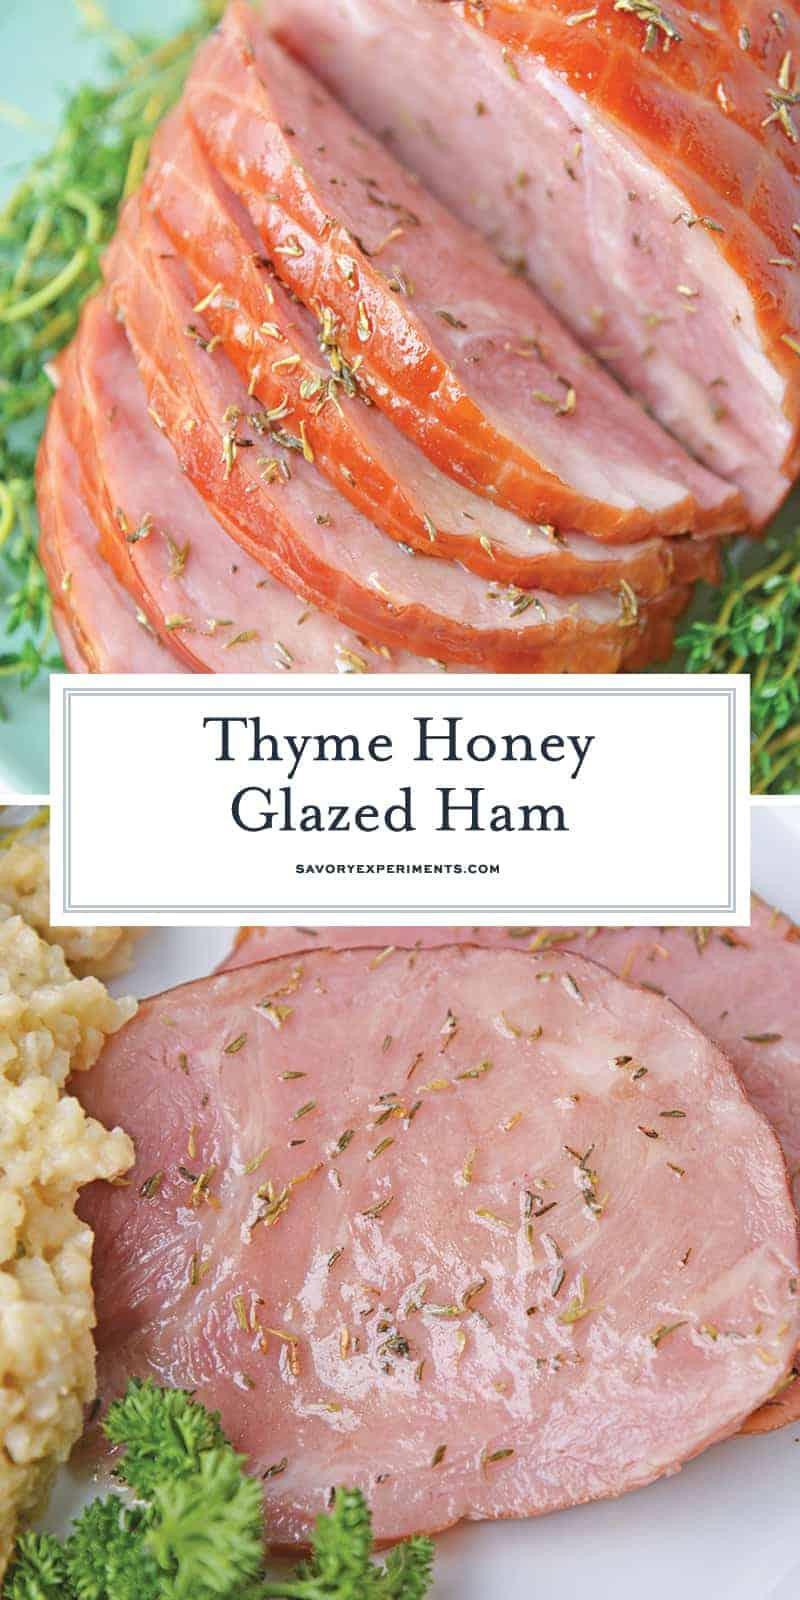 Thyme Honey Glazed Ham for pinterest